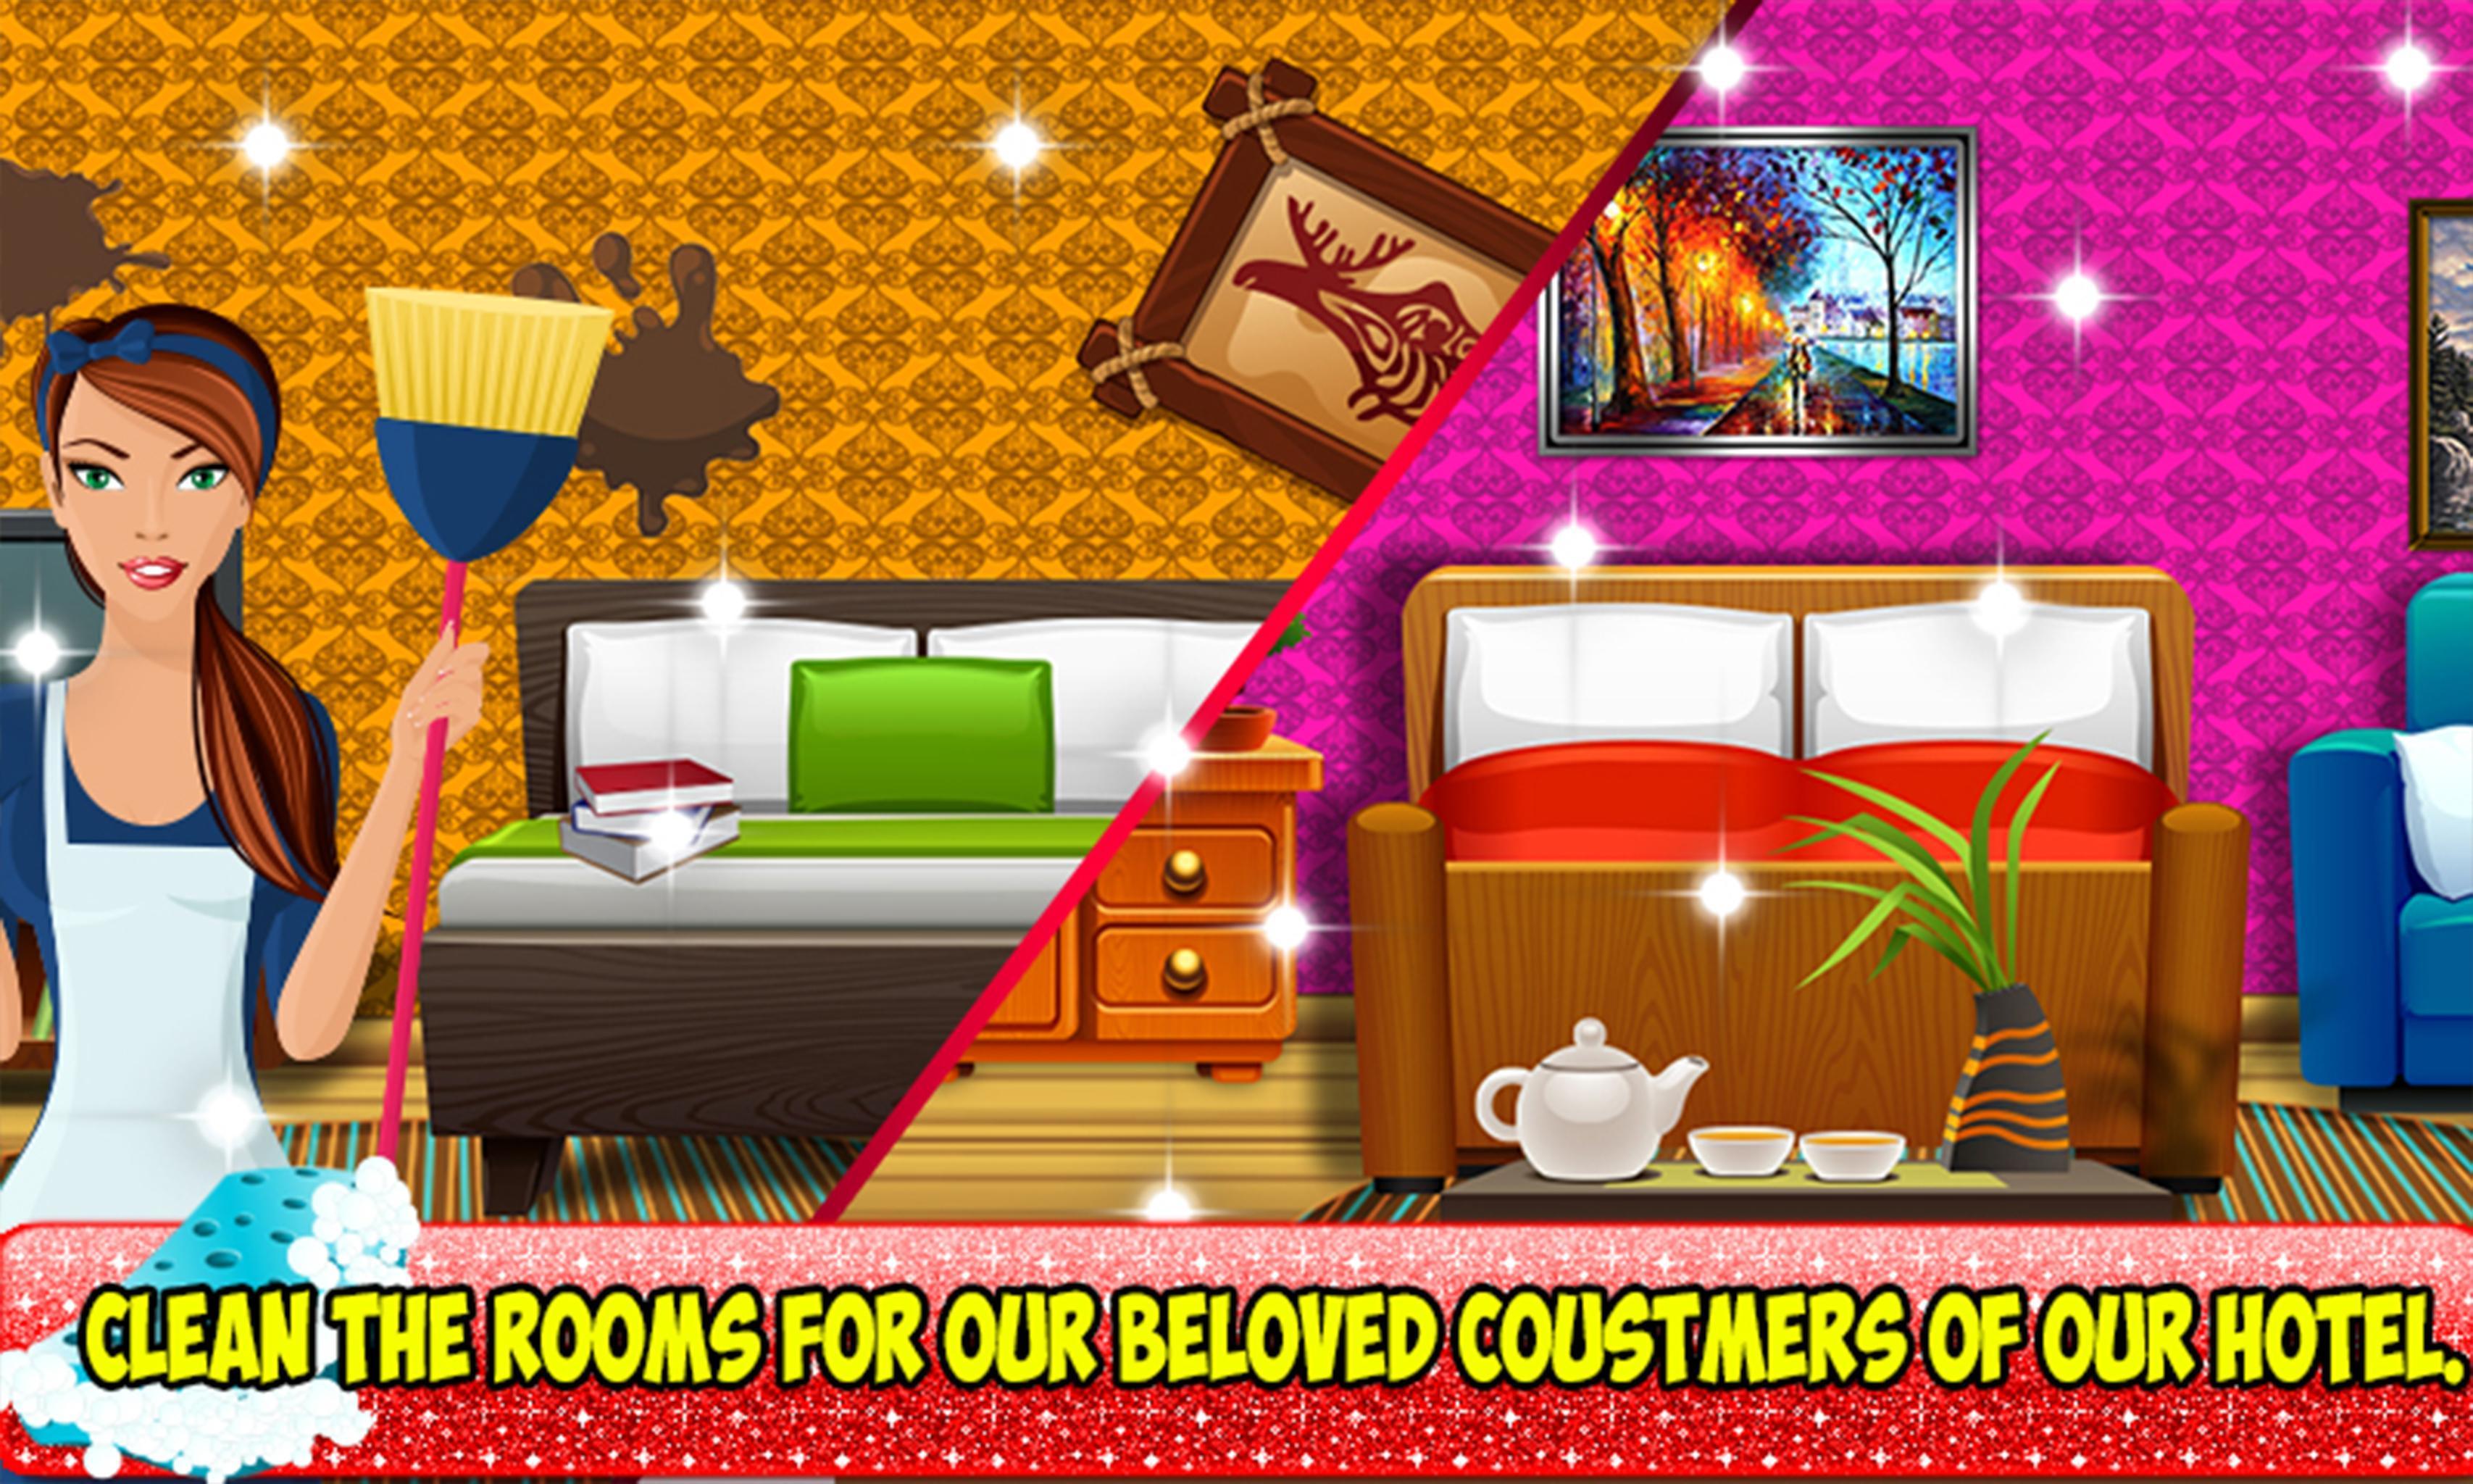 Giochi Pulire Le Stanze direttore dell'hotel: pulizia delle camere e gioco for